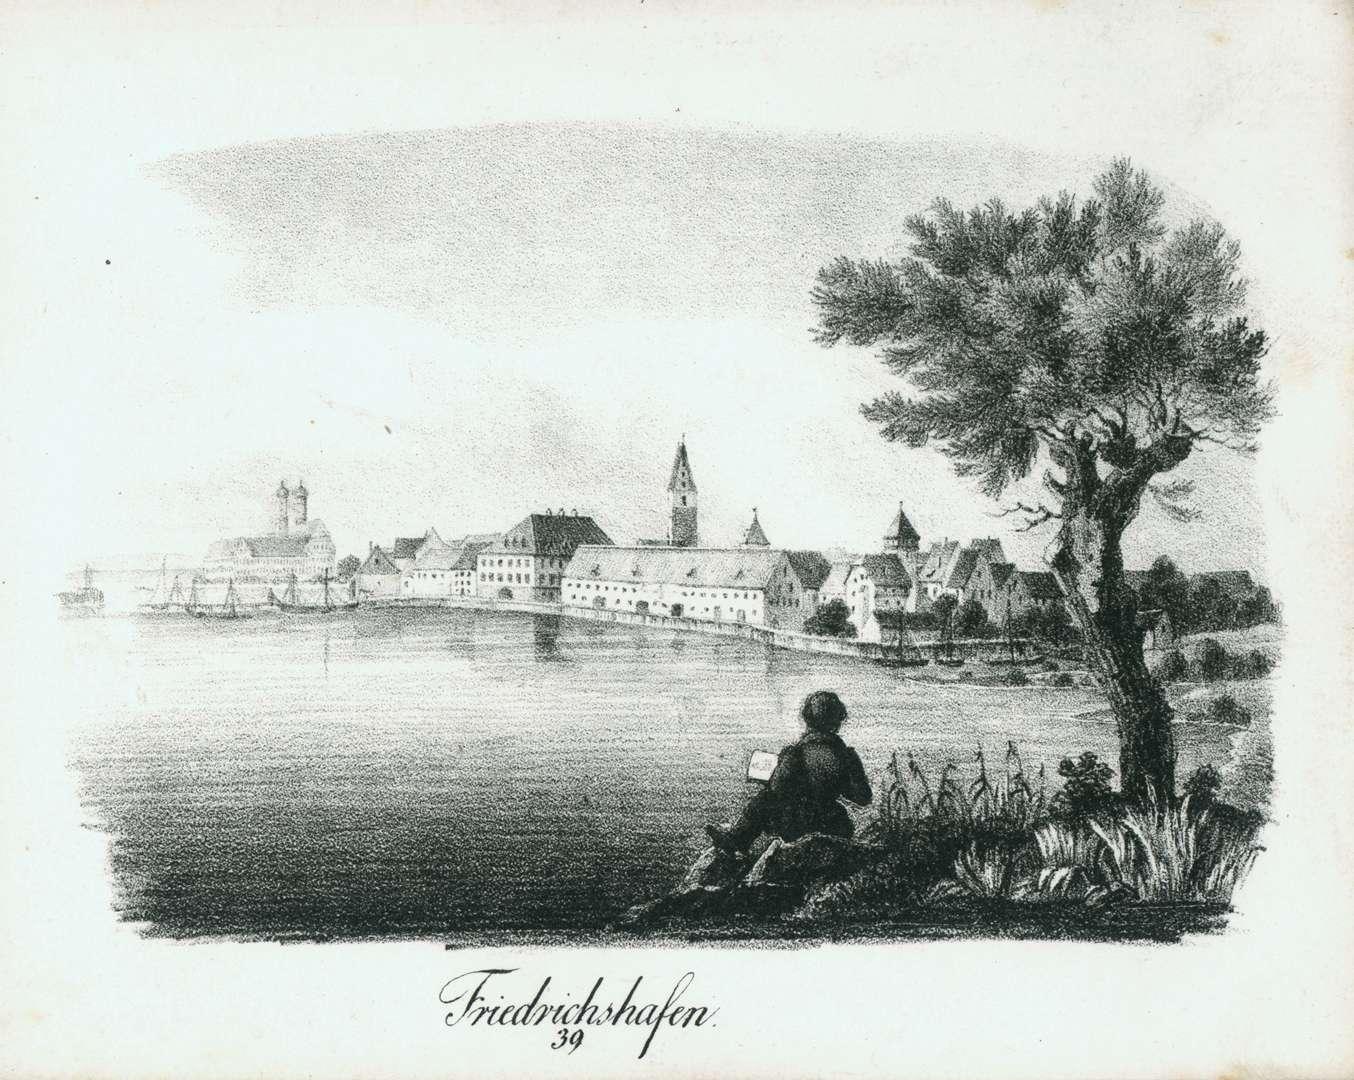 Friedrichshafen, Bild 1